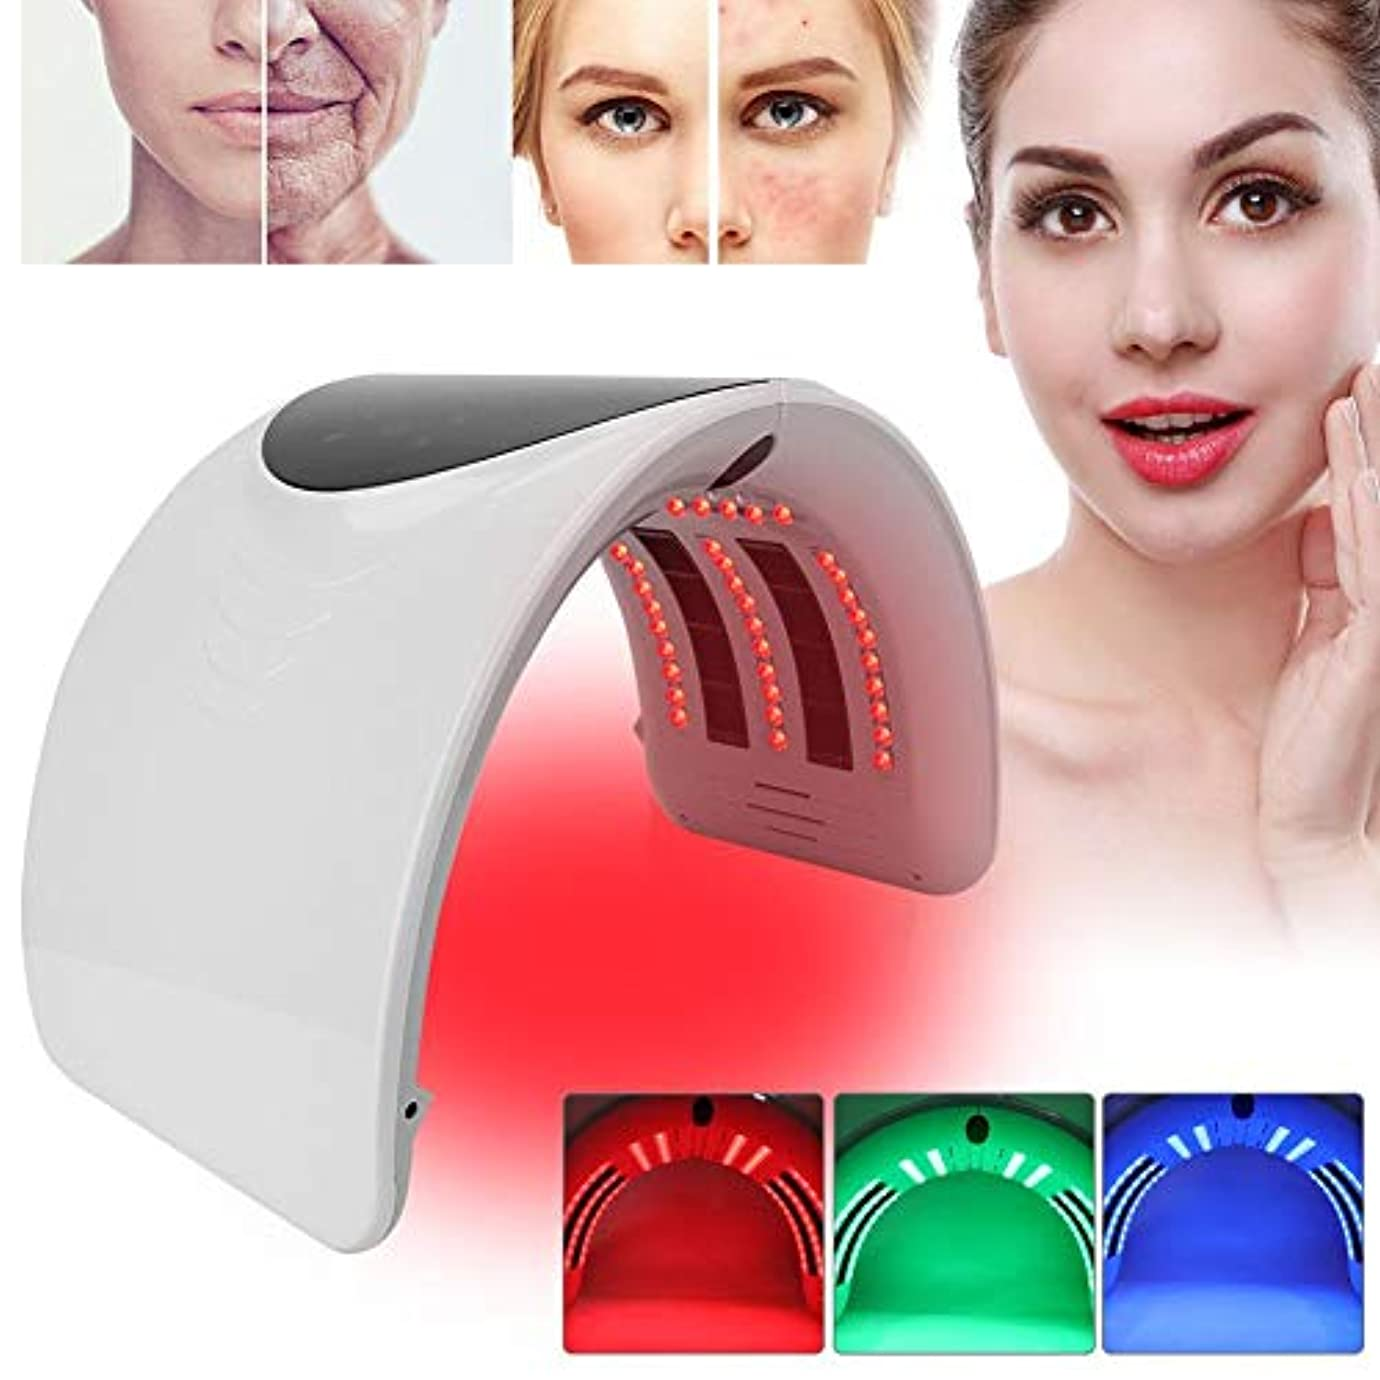 主婦影のある侮辱PDTの軽い療法の美顔術機械、6色の新しい折り畳み式アクネの取り外しのスキンケアの処置機械(01)